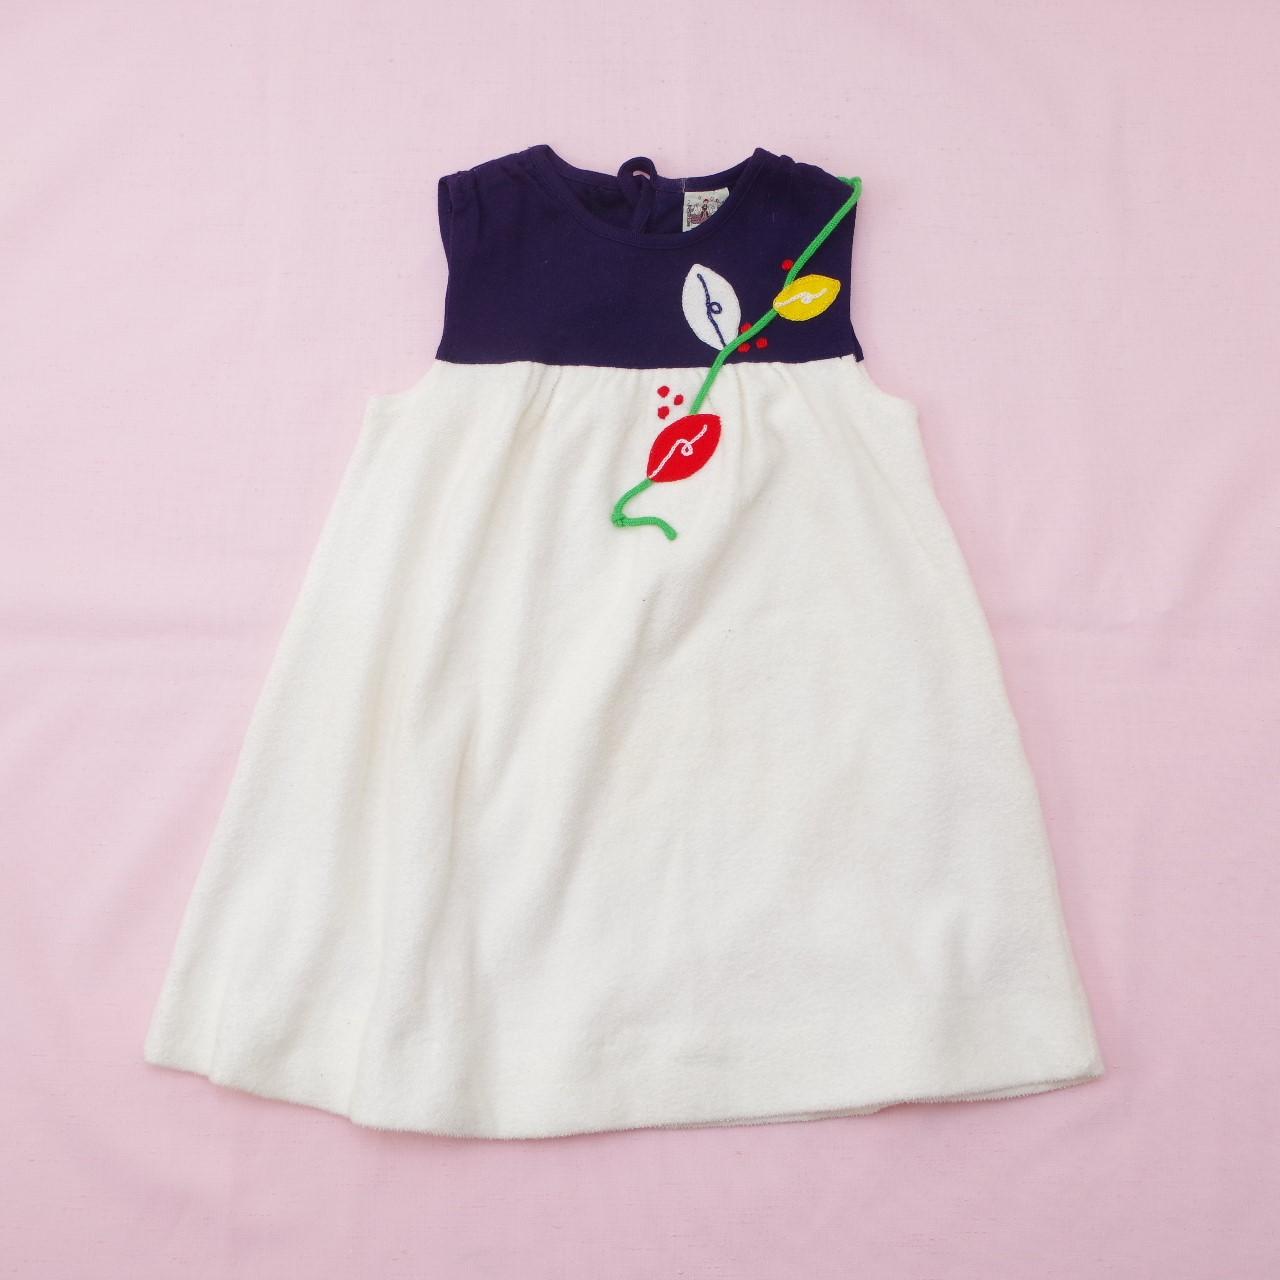 レトロ チャイルドの刺繍つき スカート 100cm (1905-2861)